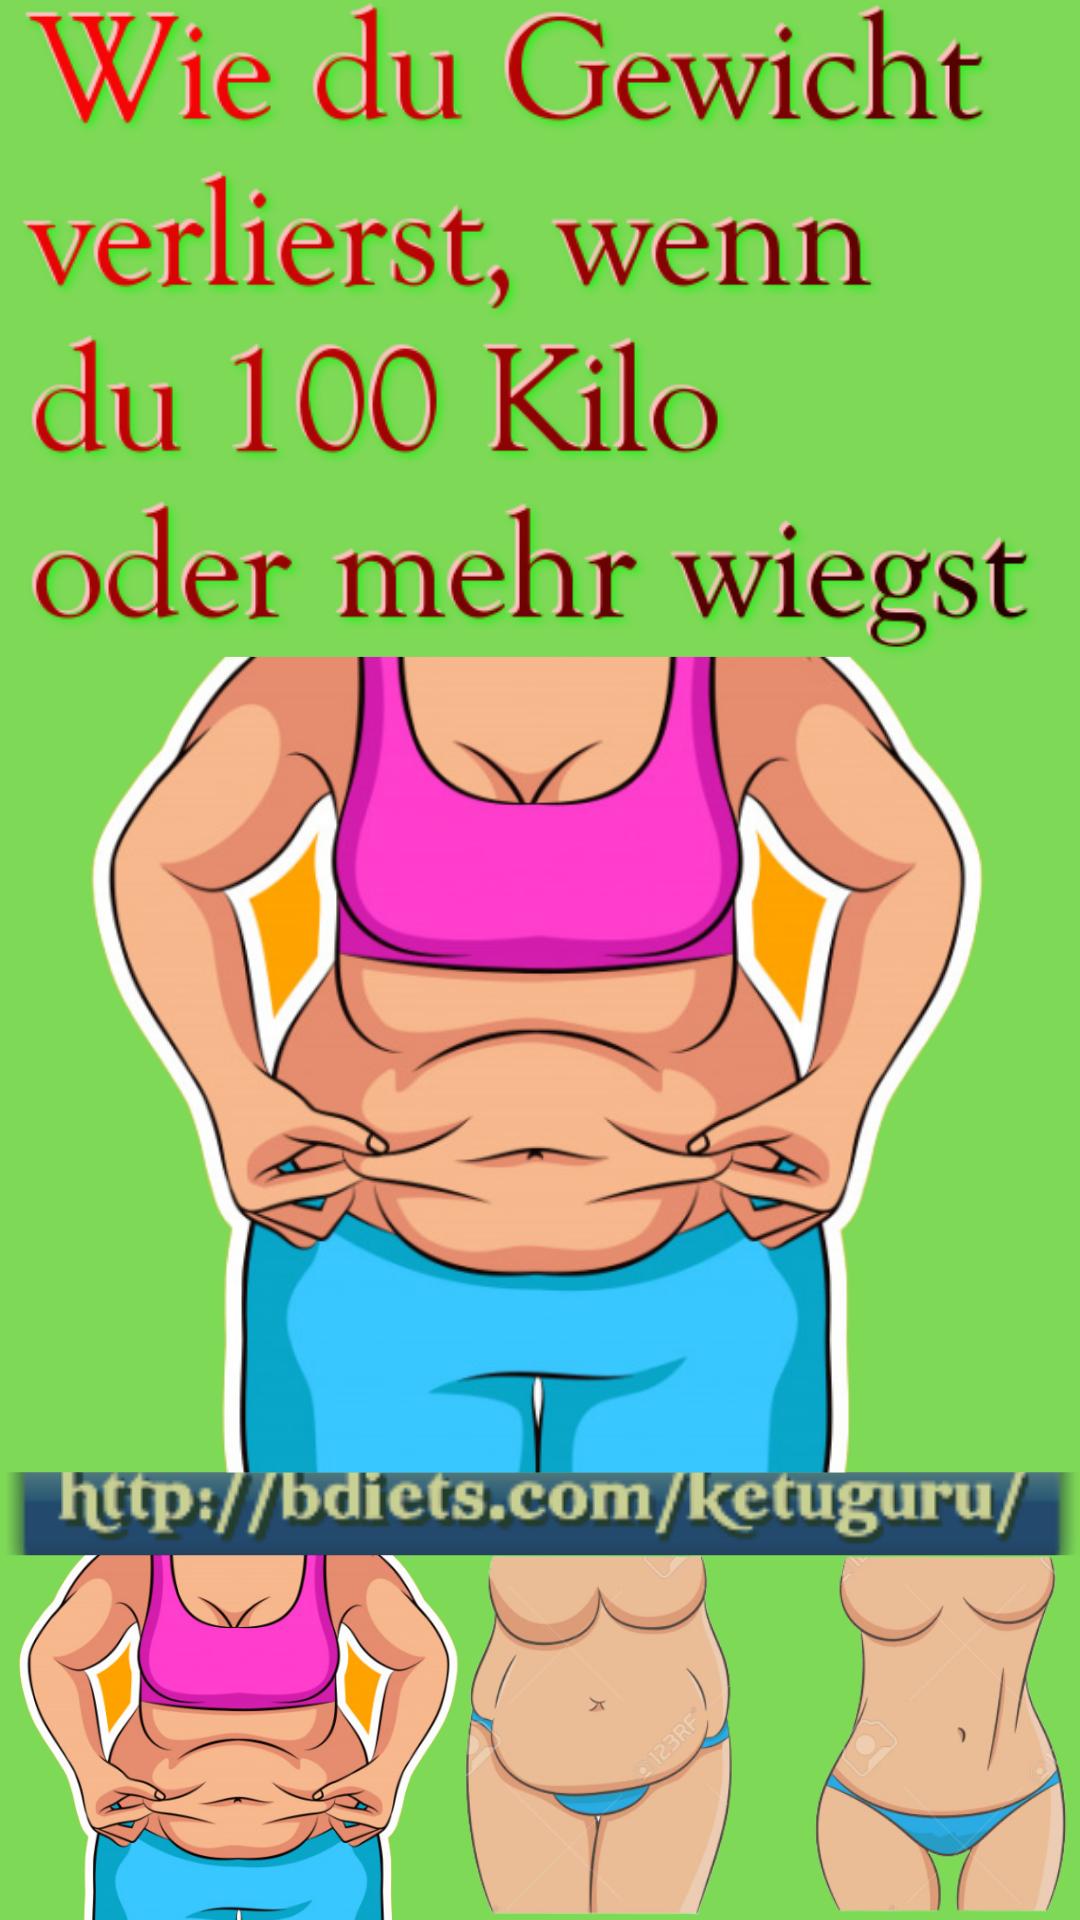 #Crewicht #kilo #Mehr #oder #verlierst #Wenn #Wie #wiegst Die besten Fitness-Tipps, Sportarten im Tr...